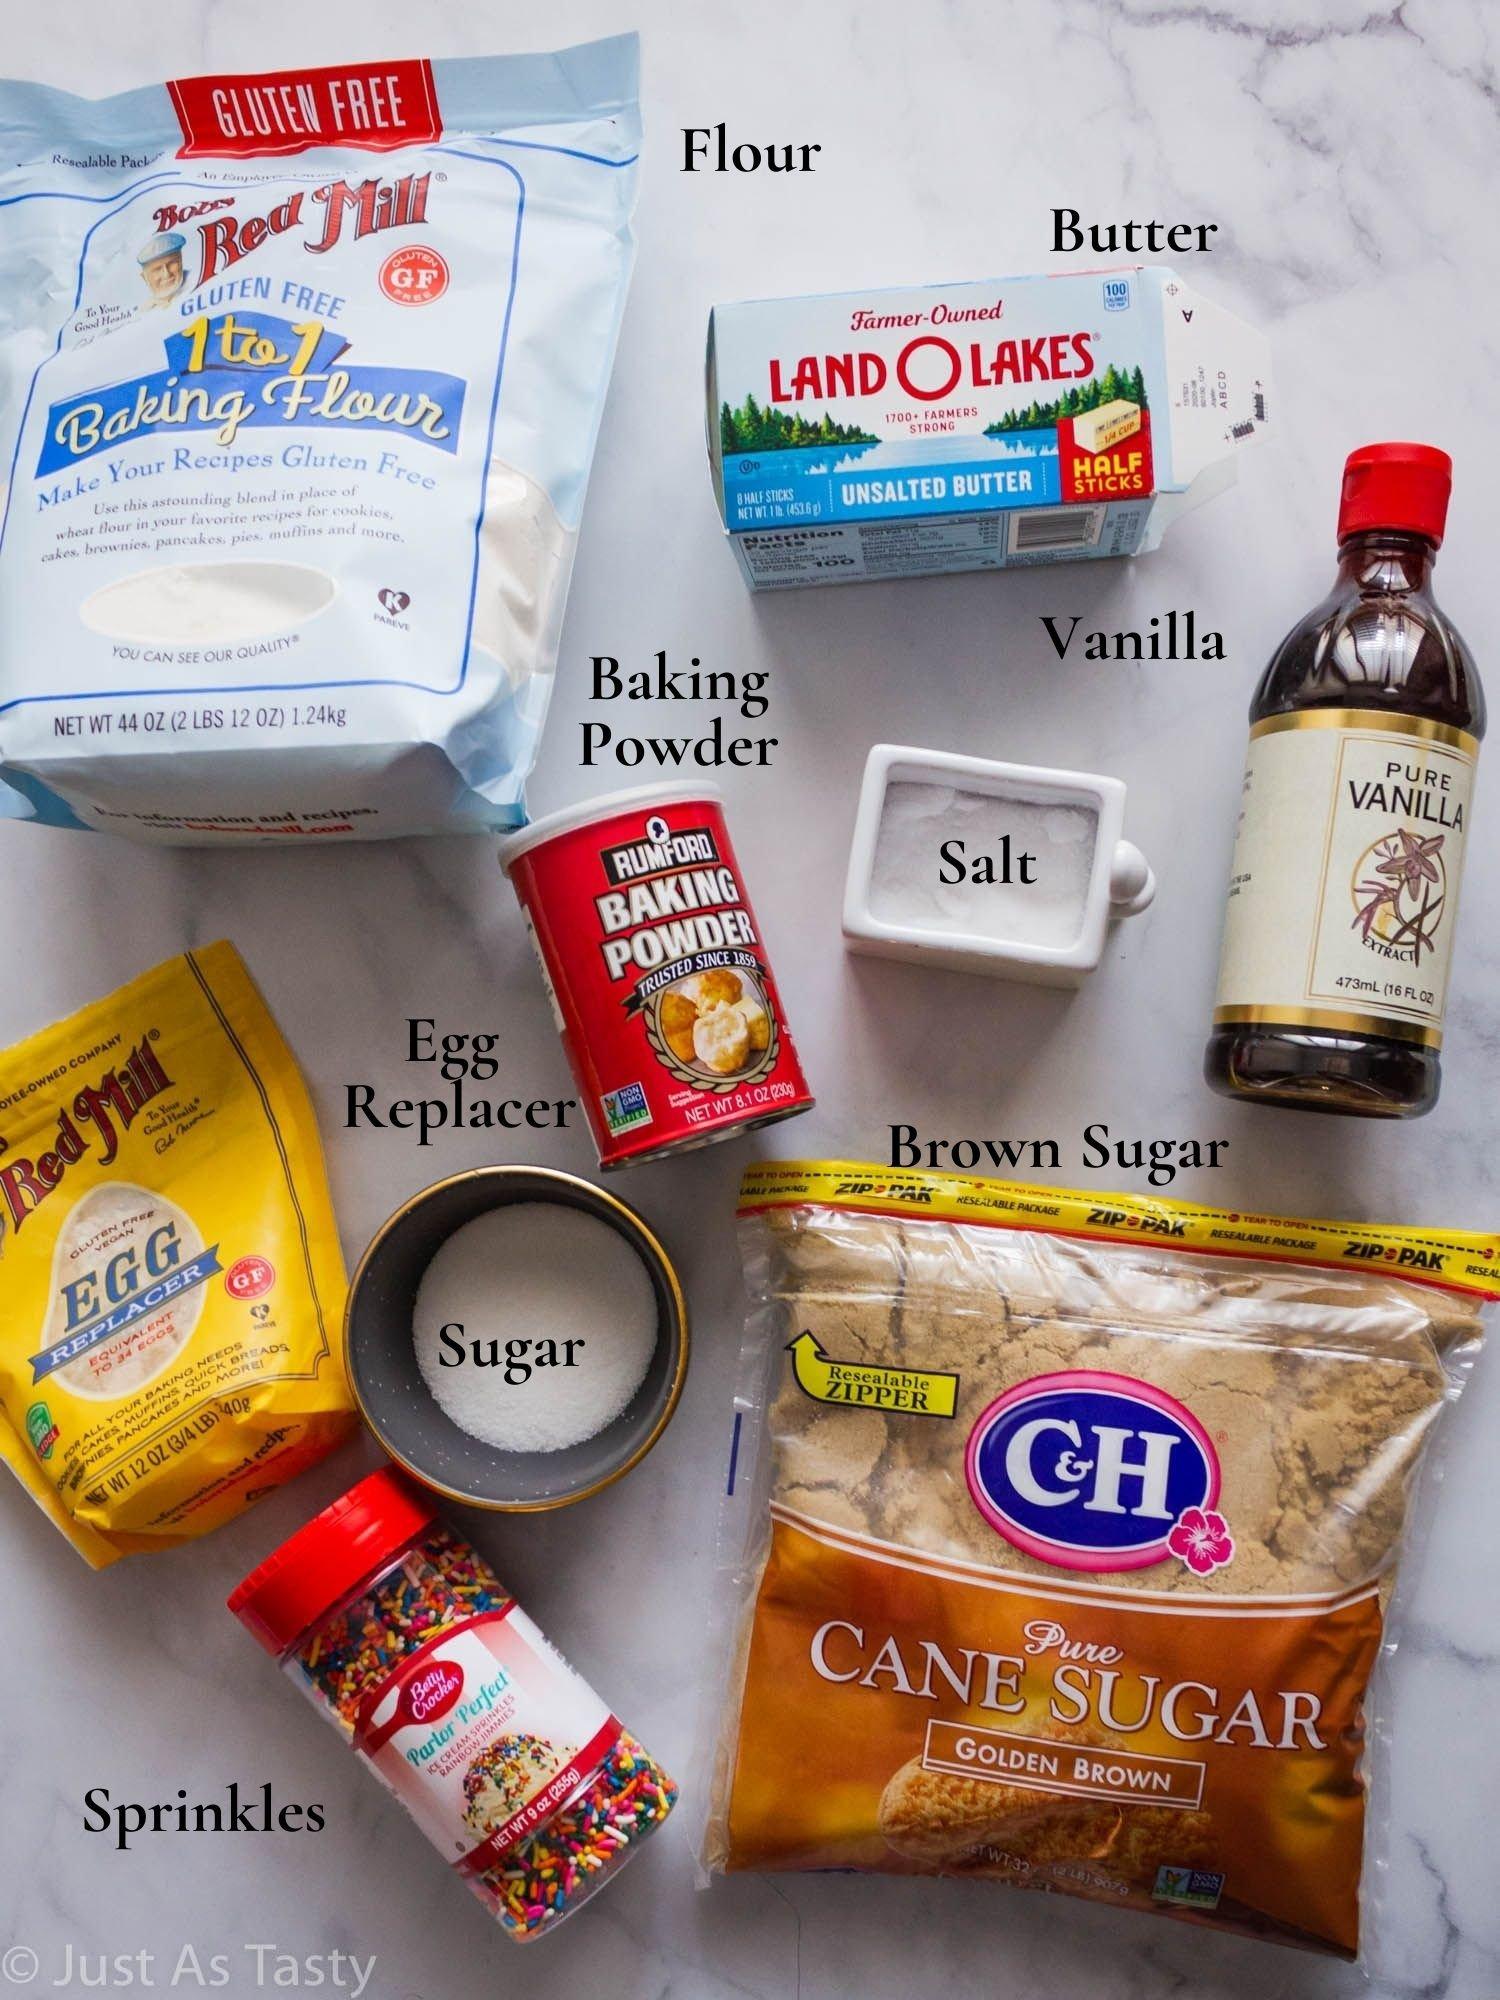 Birthday cake cookie ingredients